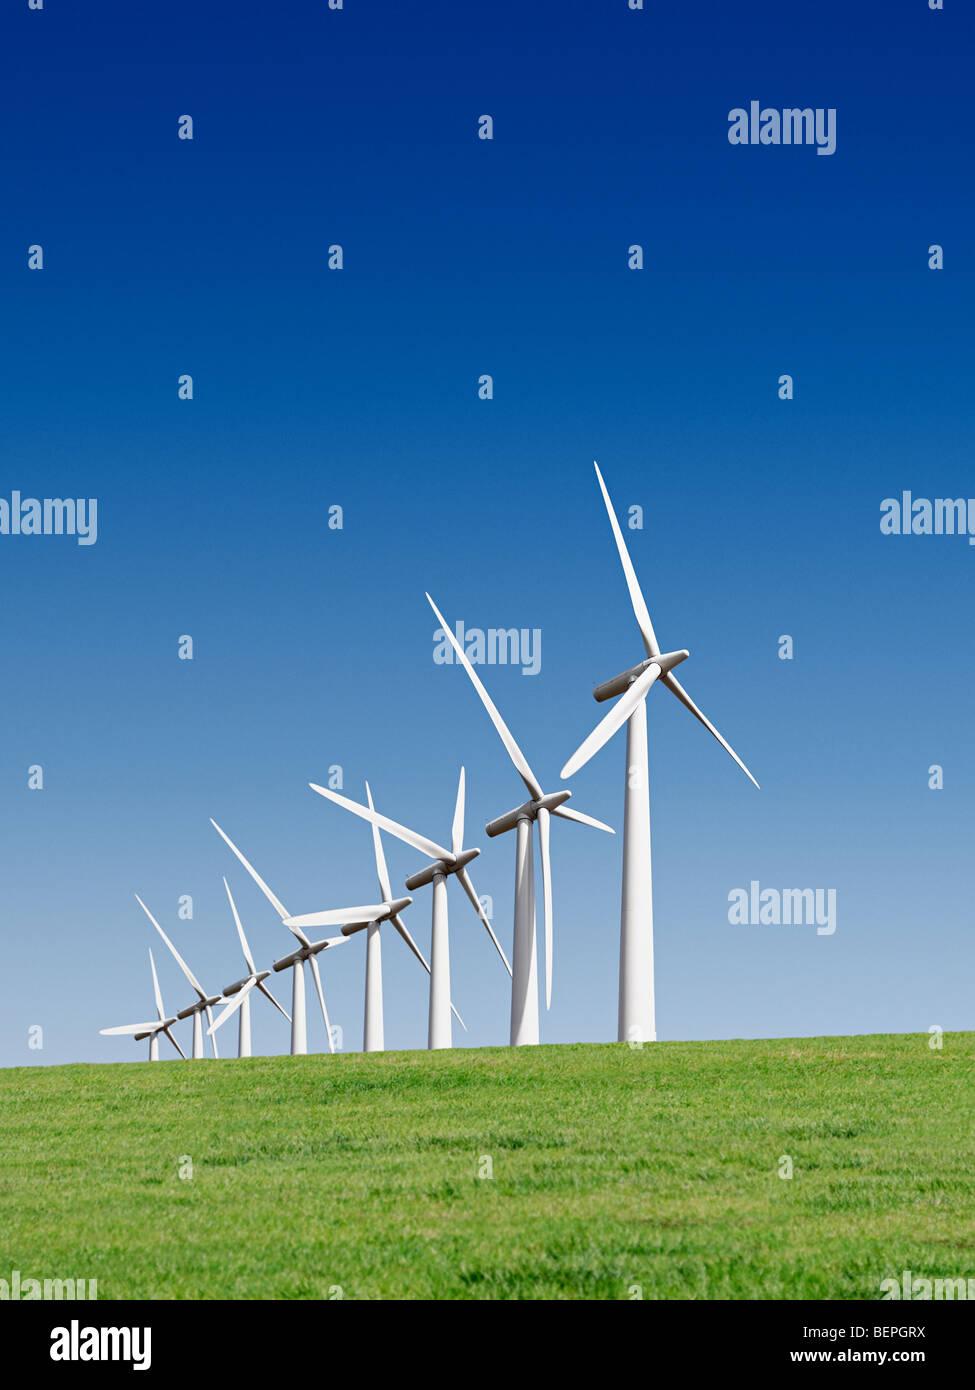 Turbinas de viento en un parque eólico, Reino Unido. Imagen De Stock